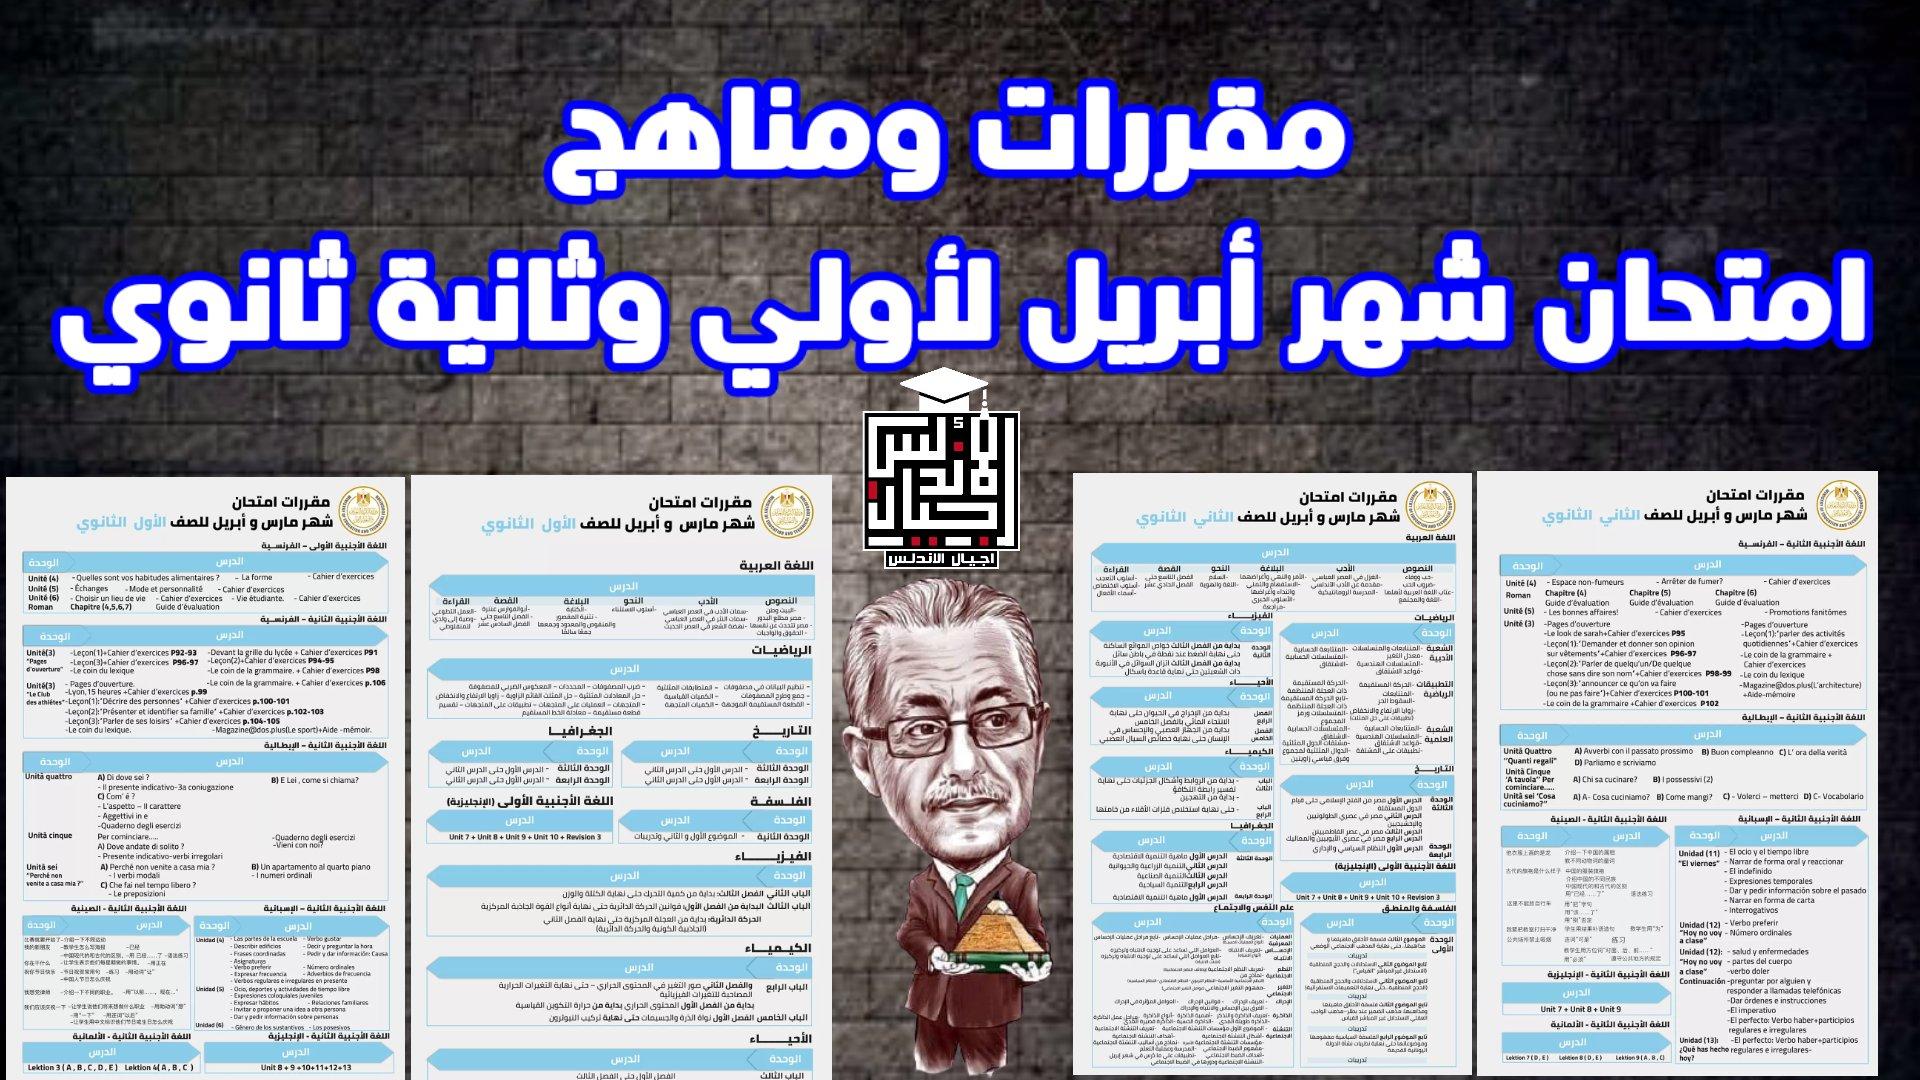 مقررات ومناهج امتحان شهرابريل للصفوف الأول والثاني الثانوي ( اجيال الاندلس )